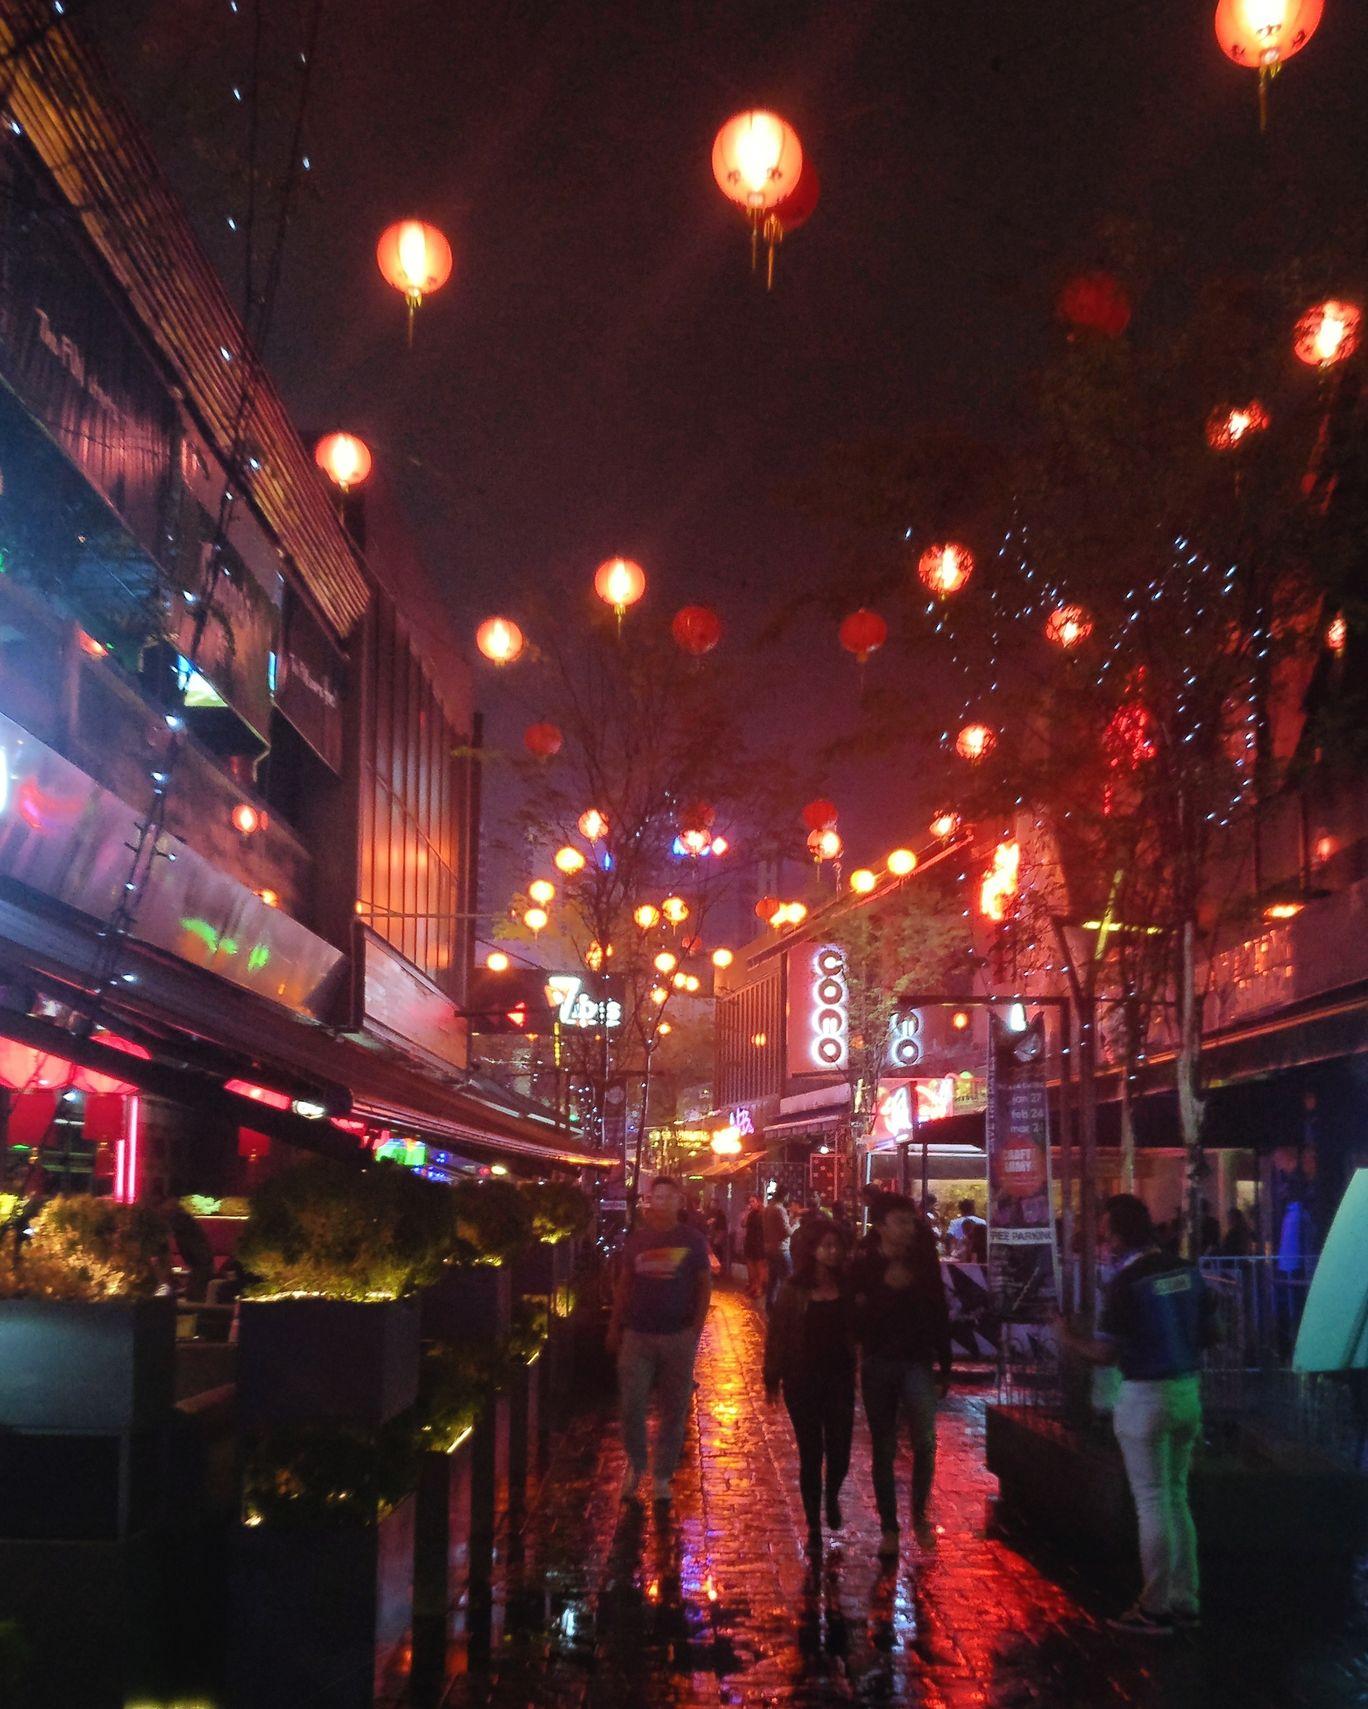 Photo of Kuala Lumpur By Smruti kar